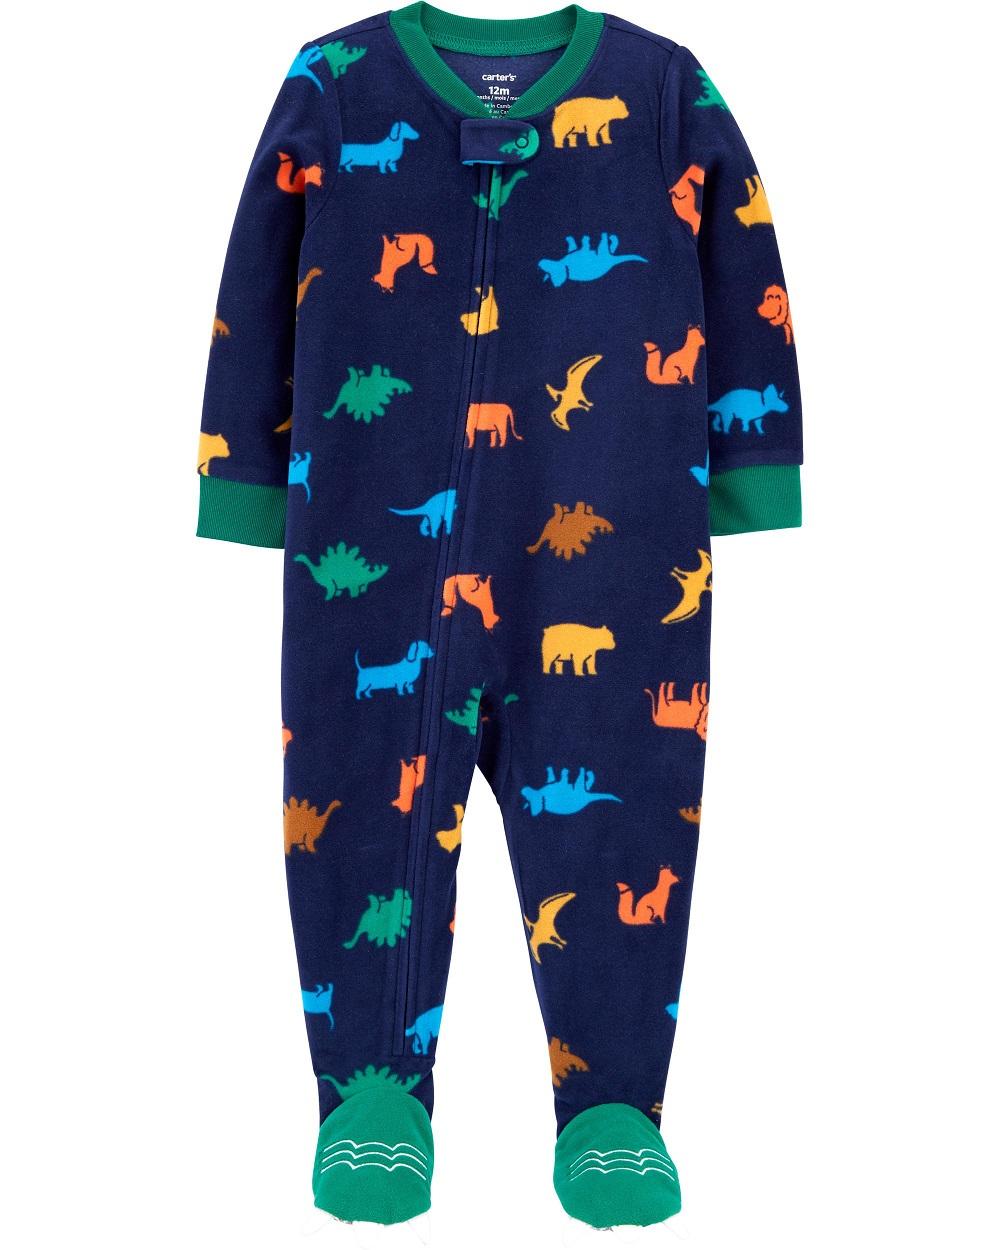 Pijama macacão de plush azul marinho dinossauros - Carters  - Kaiuru Kids